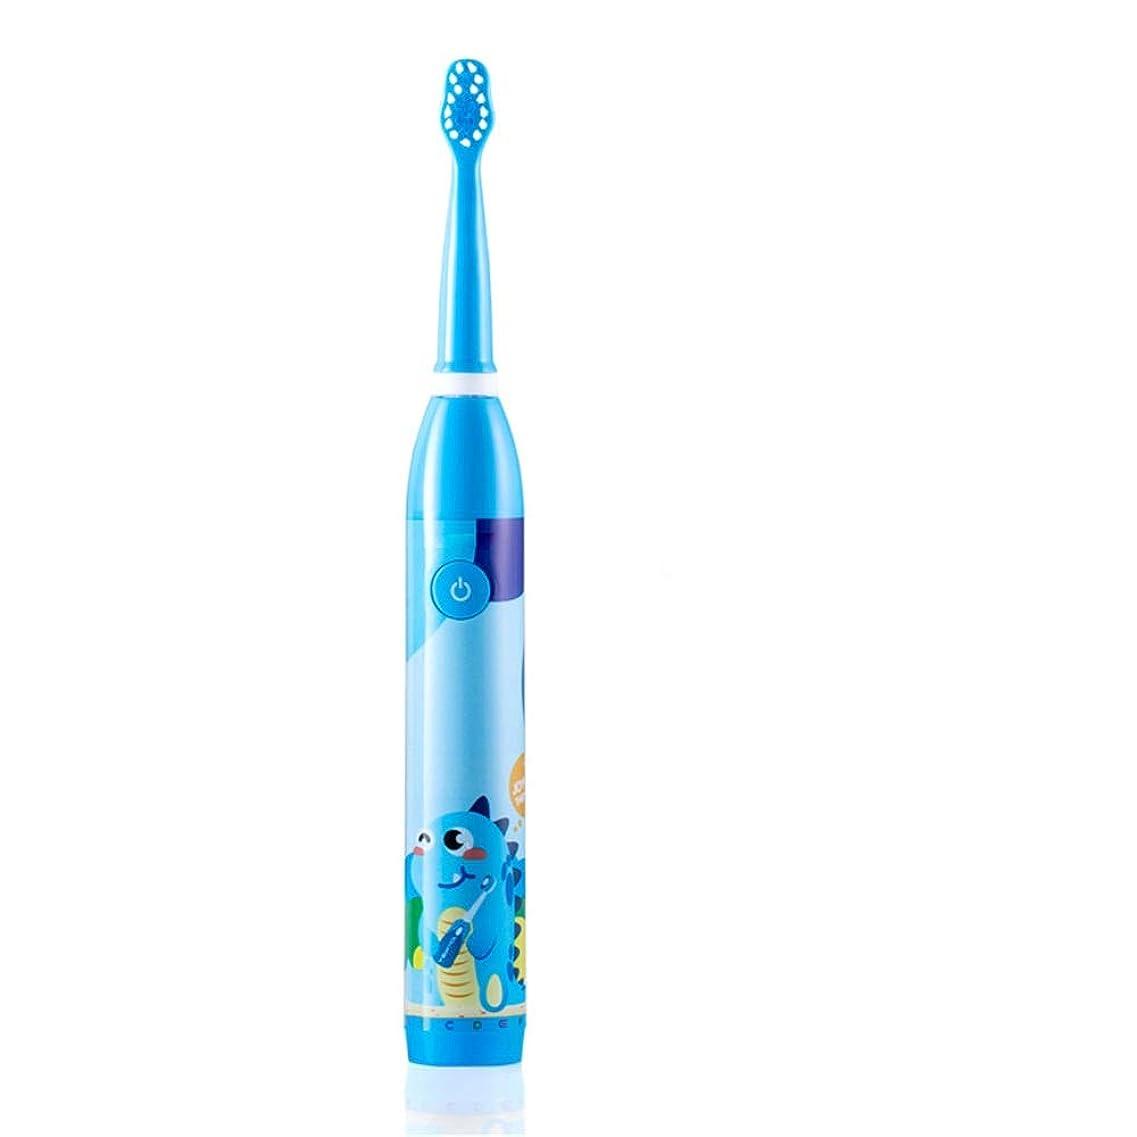 監督する混合した幸福電動歯ブラシ 子供のための適切な子供の電動歯ブラシUSB充電式防水保護ホワイトニング6-12 ケアー プロテクトクリーン (色 : 青, サイズ : Free size)